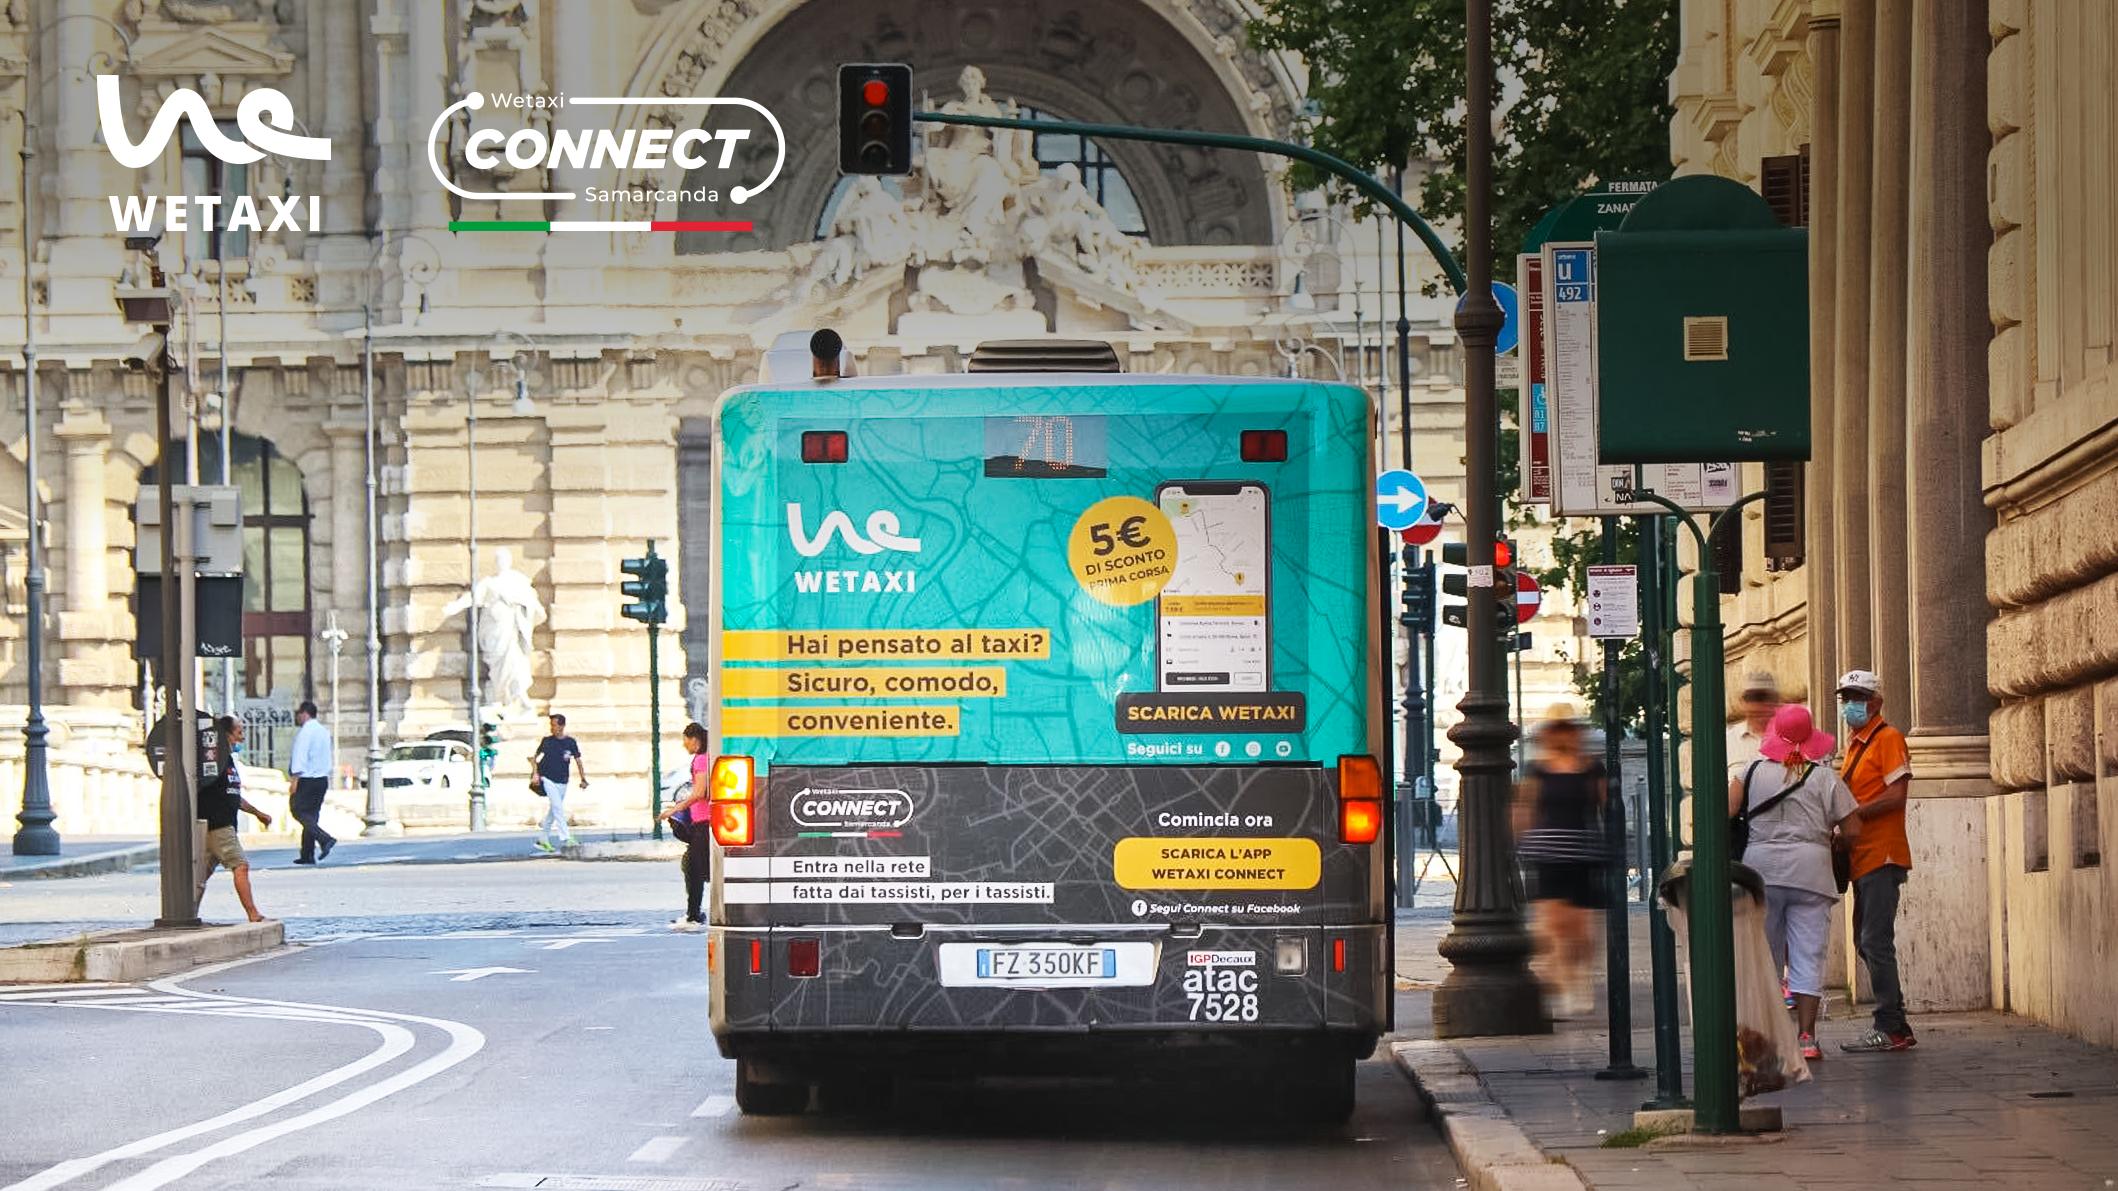 A Roma i taxi viaggiano in autobus con la campagna dedicata a Connect e a Wetaxi